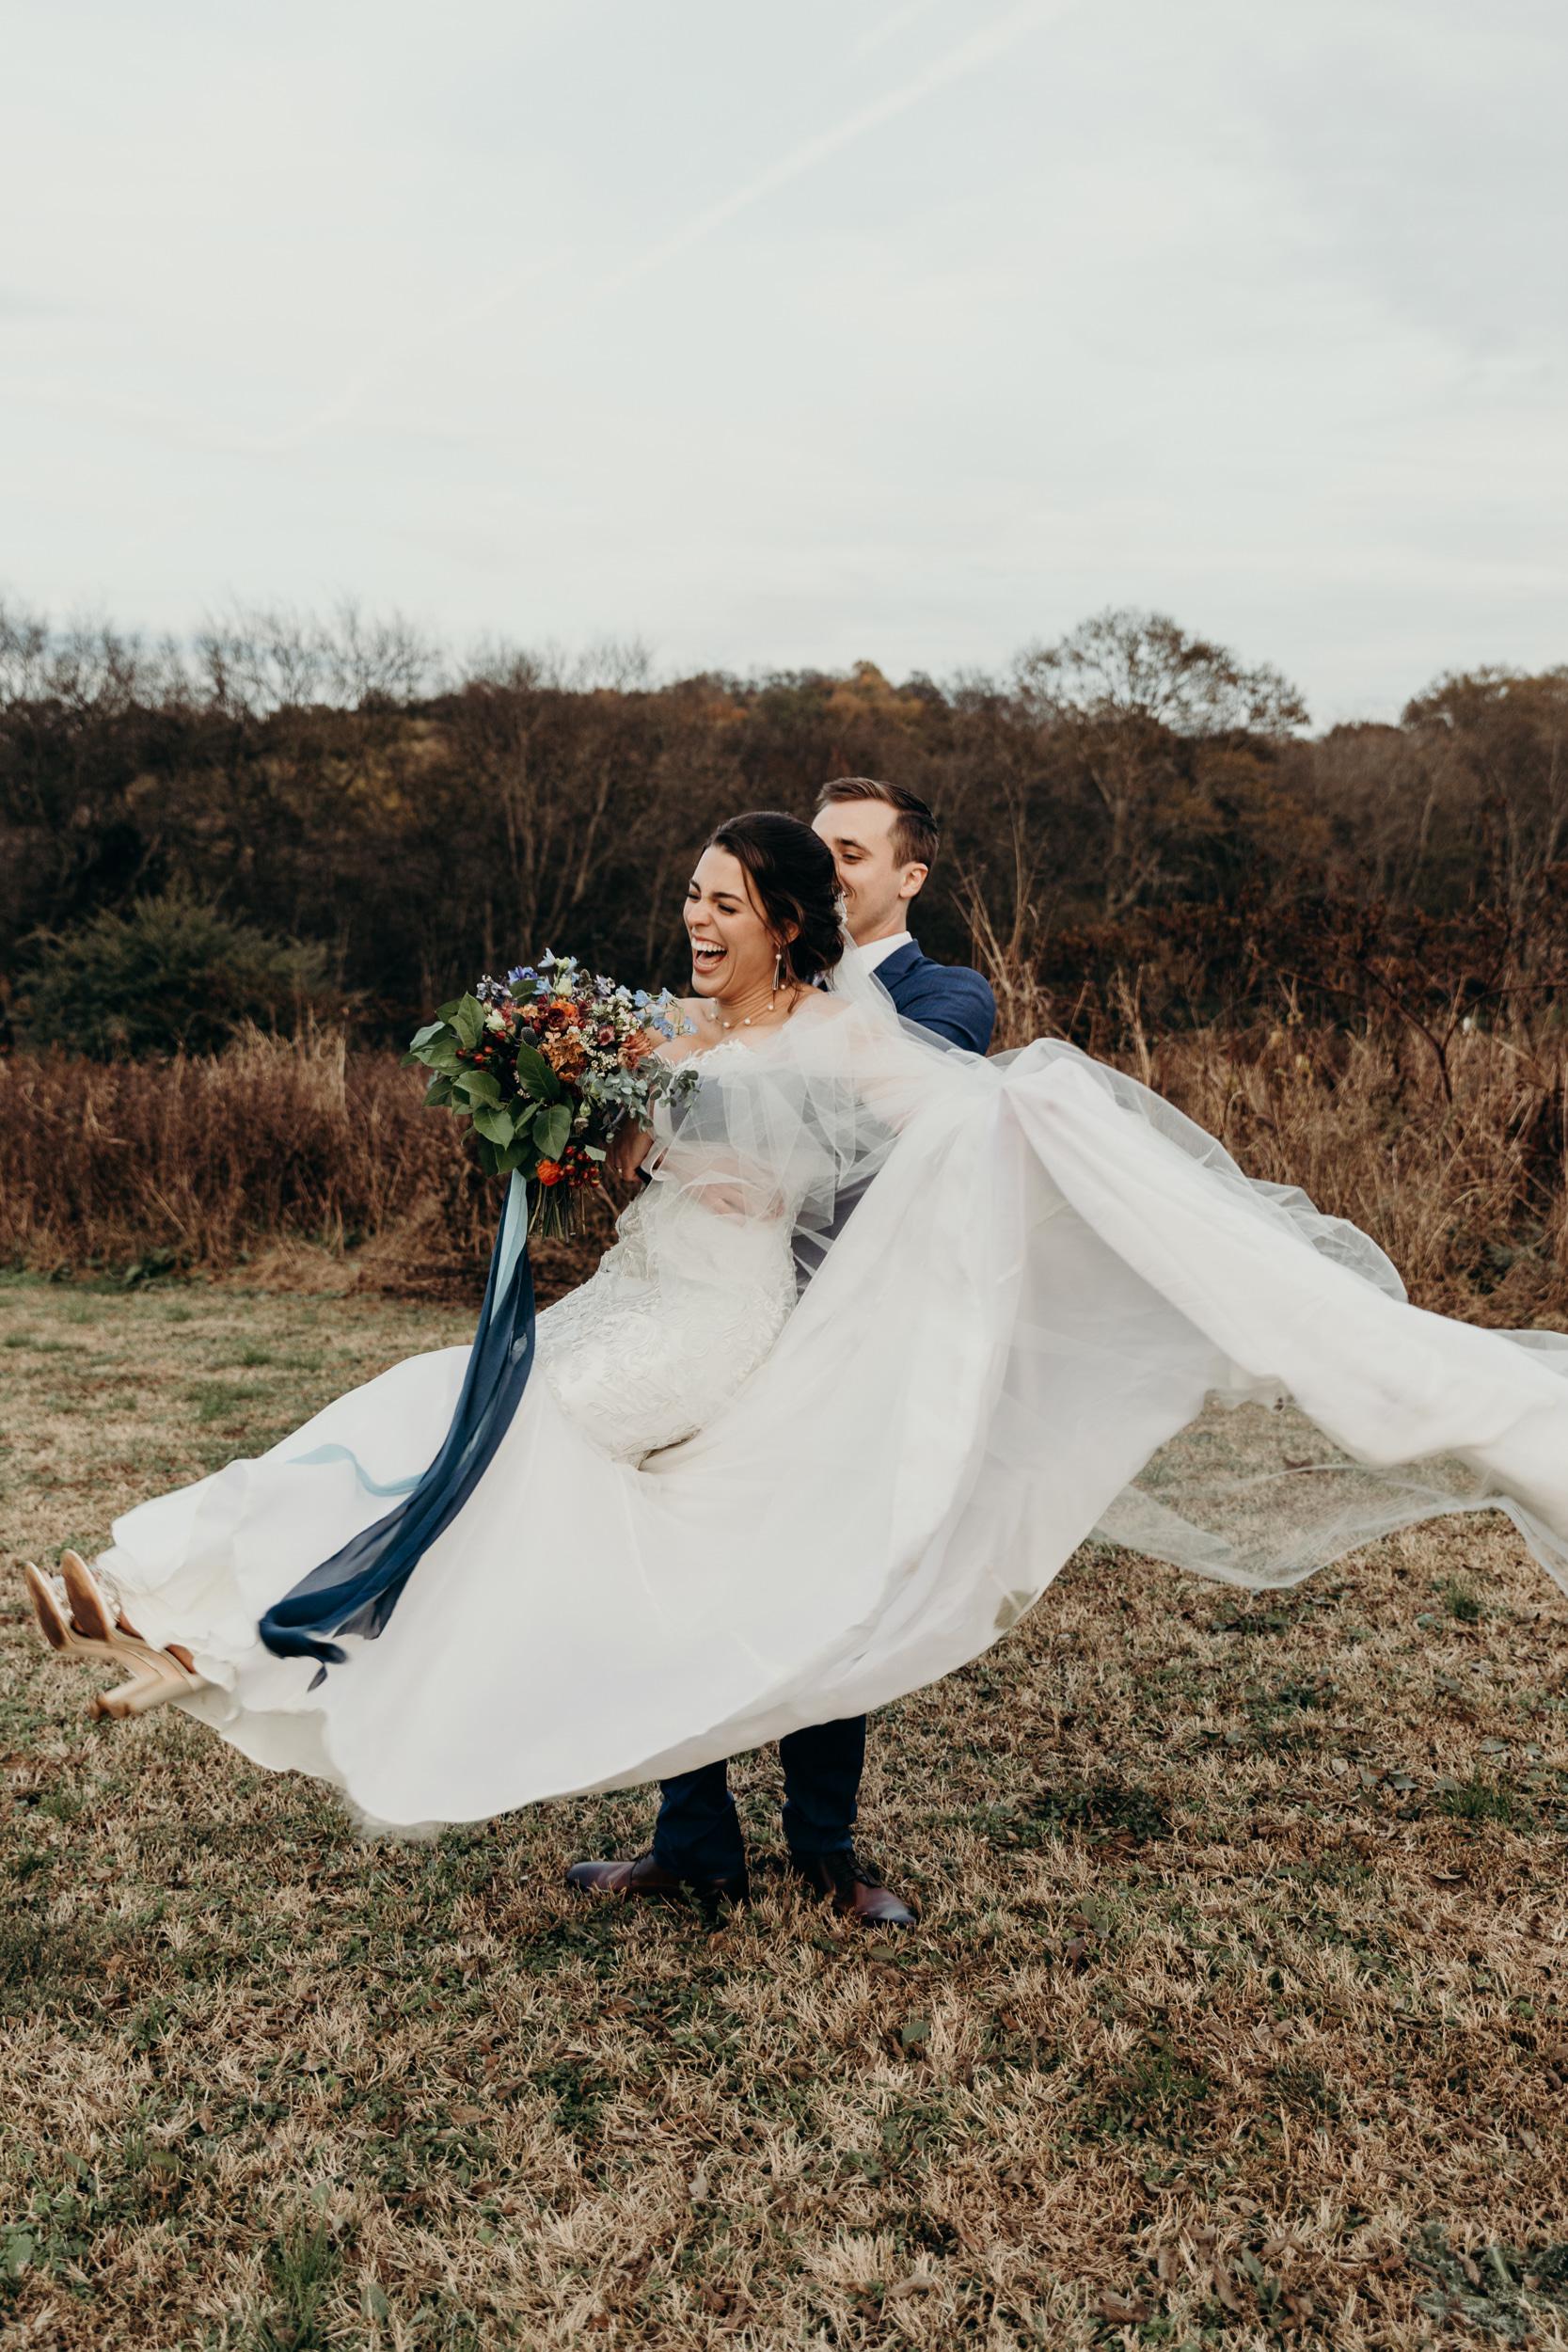 695-ltw-morgan-adam-wedding.jpg